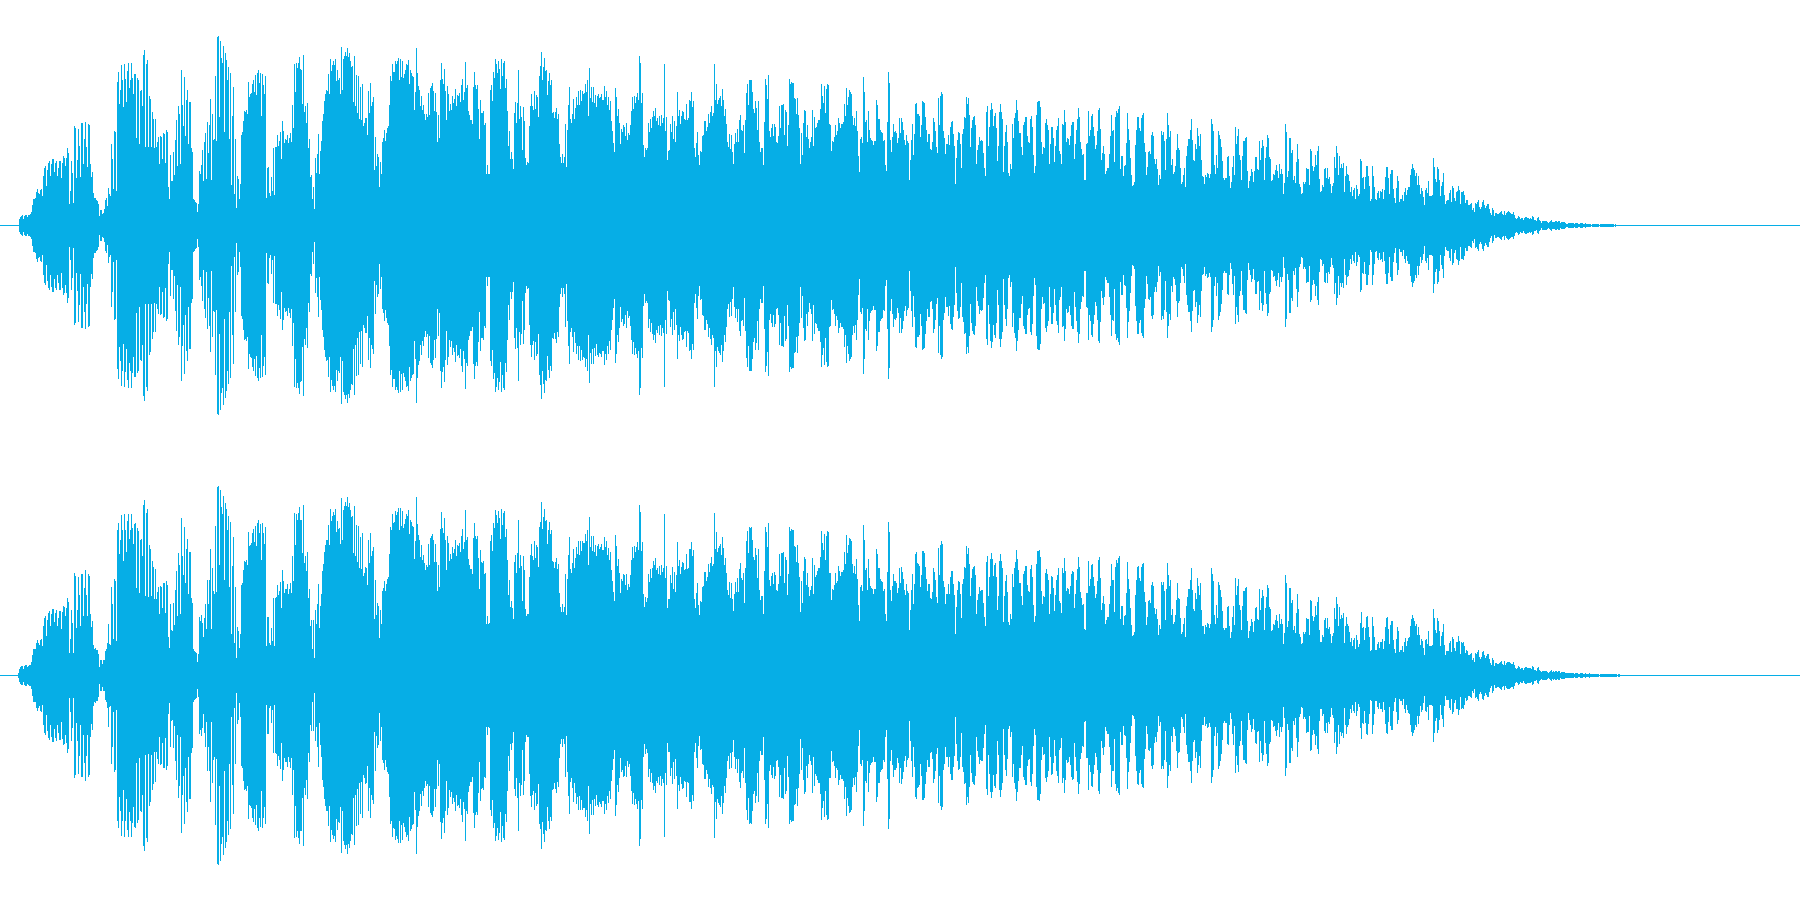 ビユゥ〜(大きい音に変わっていく音)の再生済みの波形